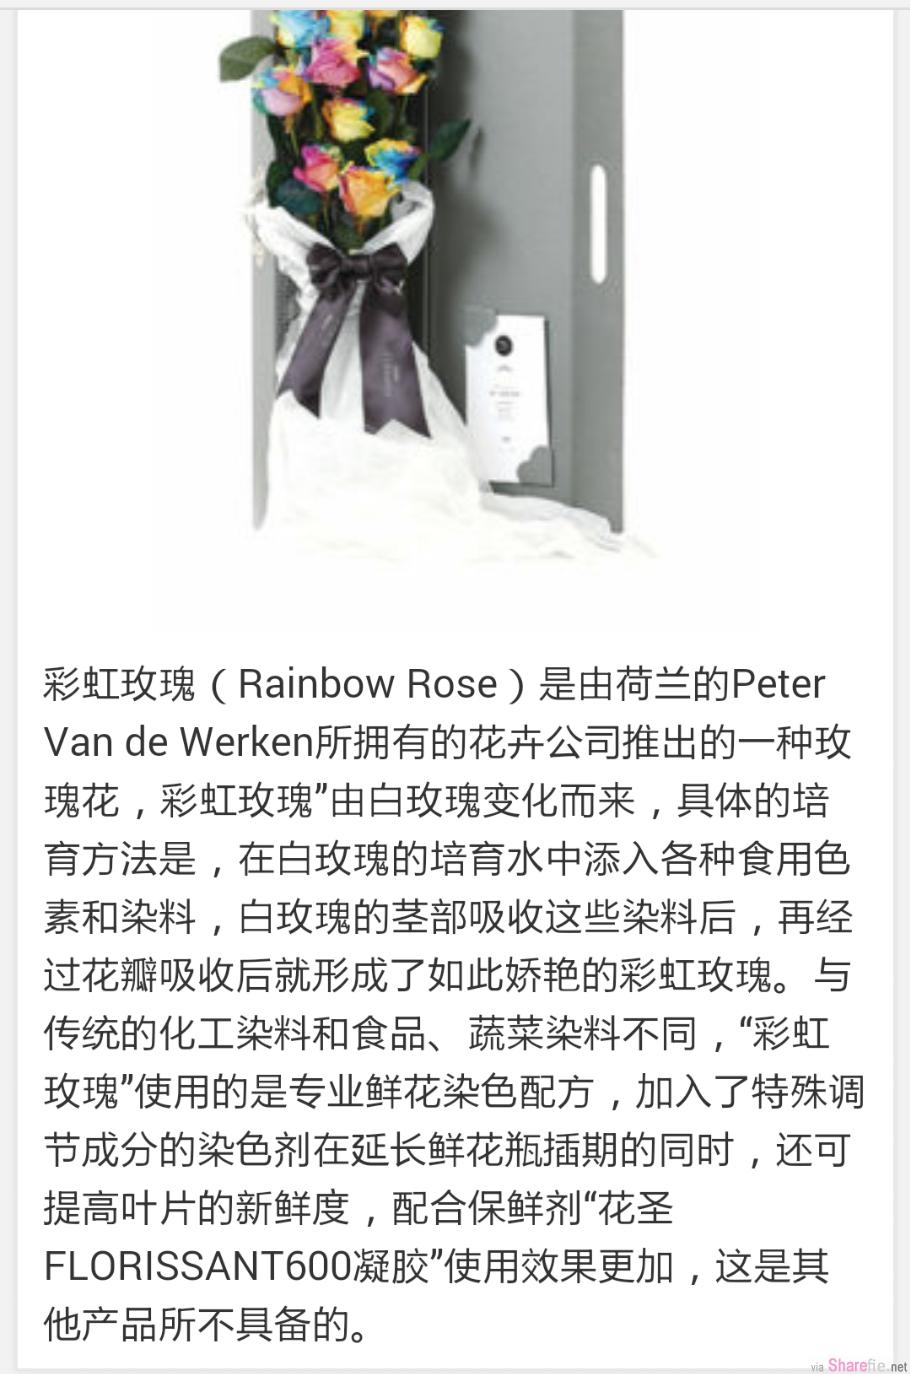 小三anna chin收到彩虹玫瑰却再次展现她无知的一面,其实彩虹玫瑰。。。看这里有教学教你如何制作彩虹玫瑰(它并不是奇特品种)